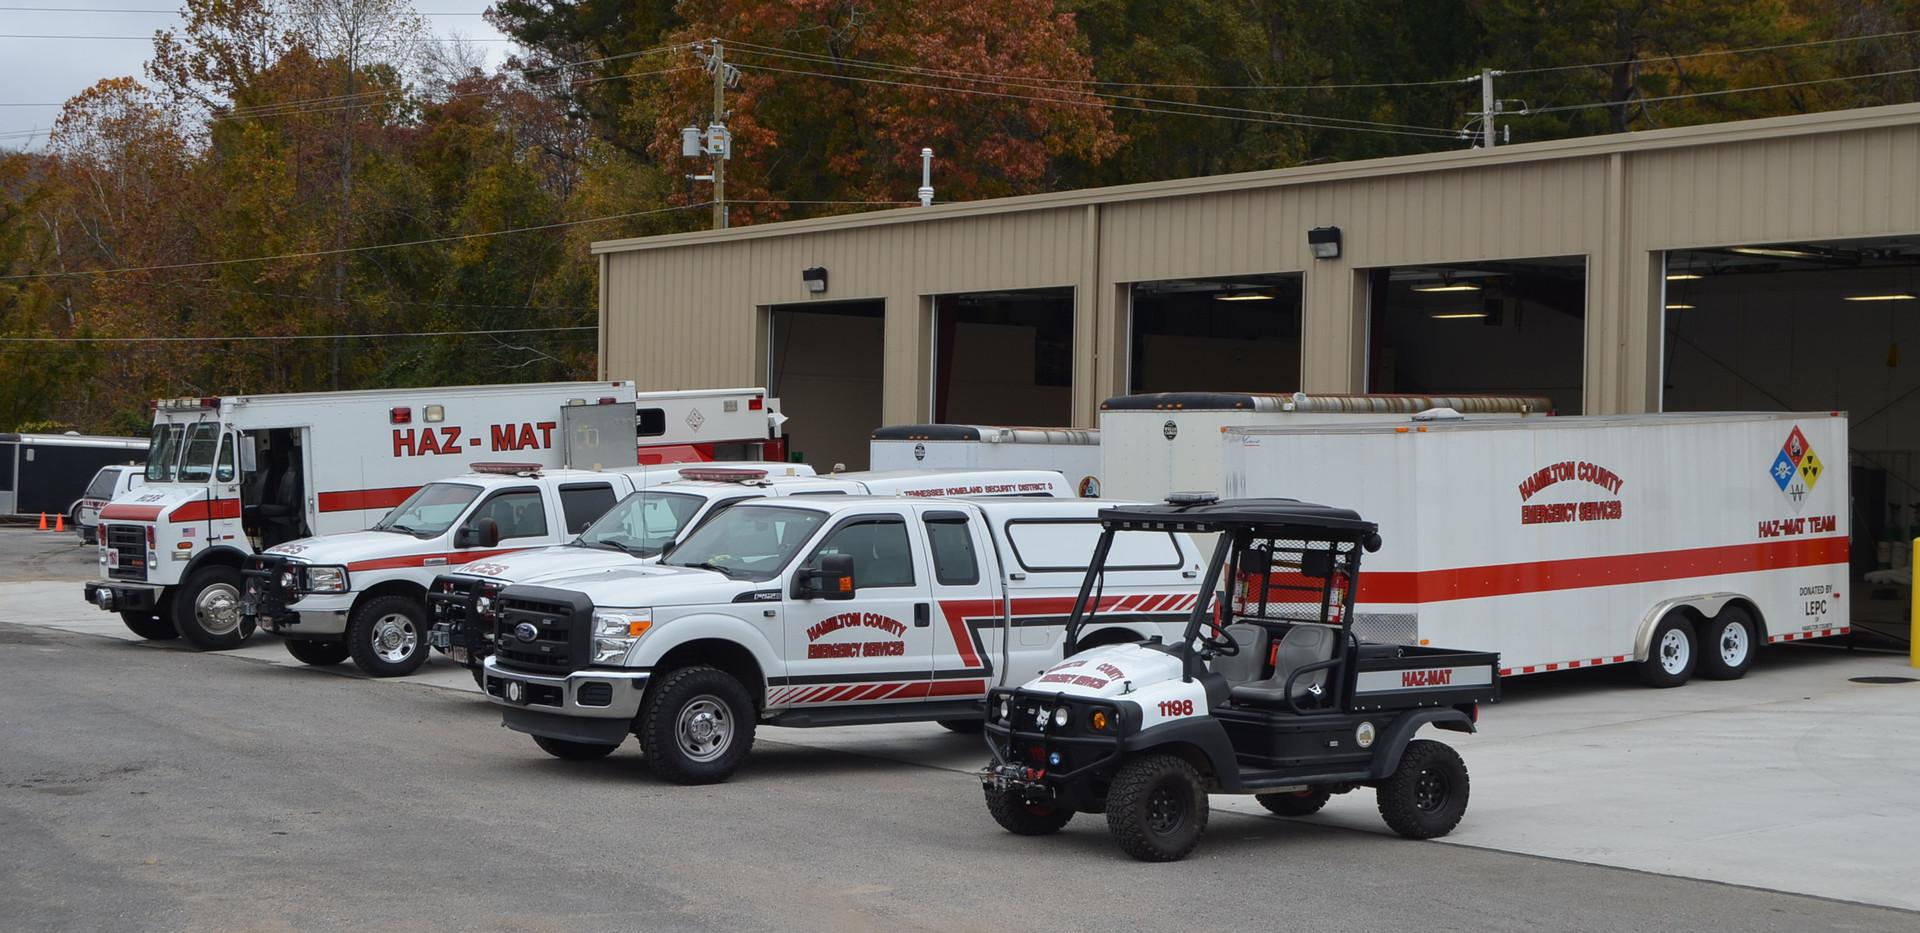 Hazmat Fleet and Equipment